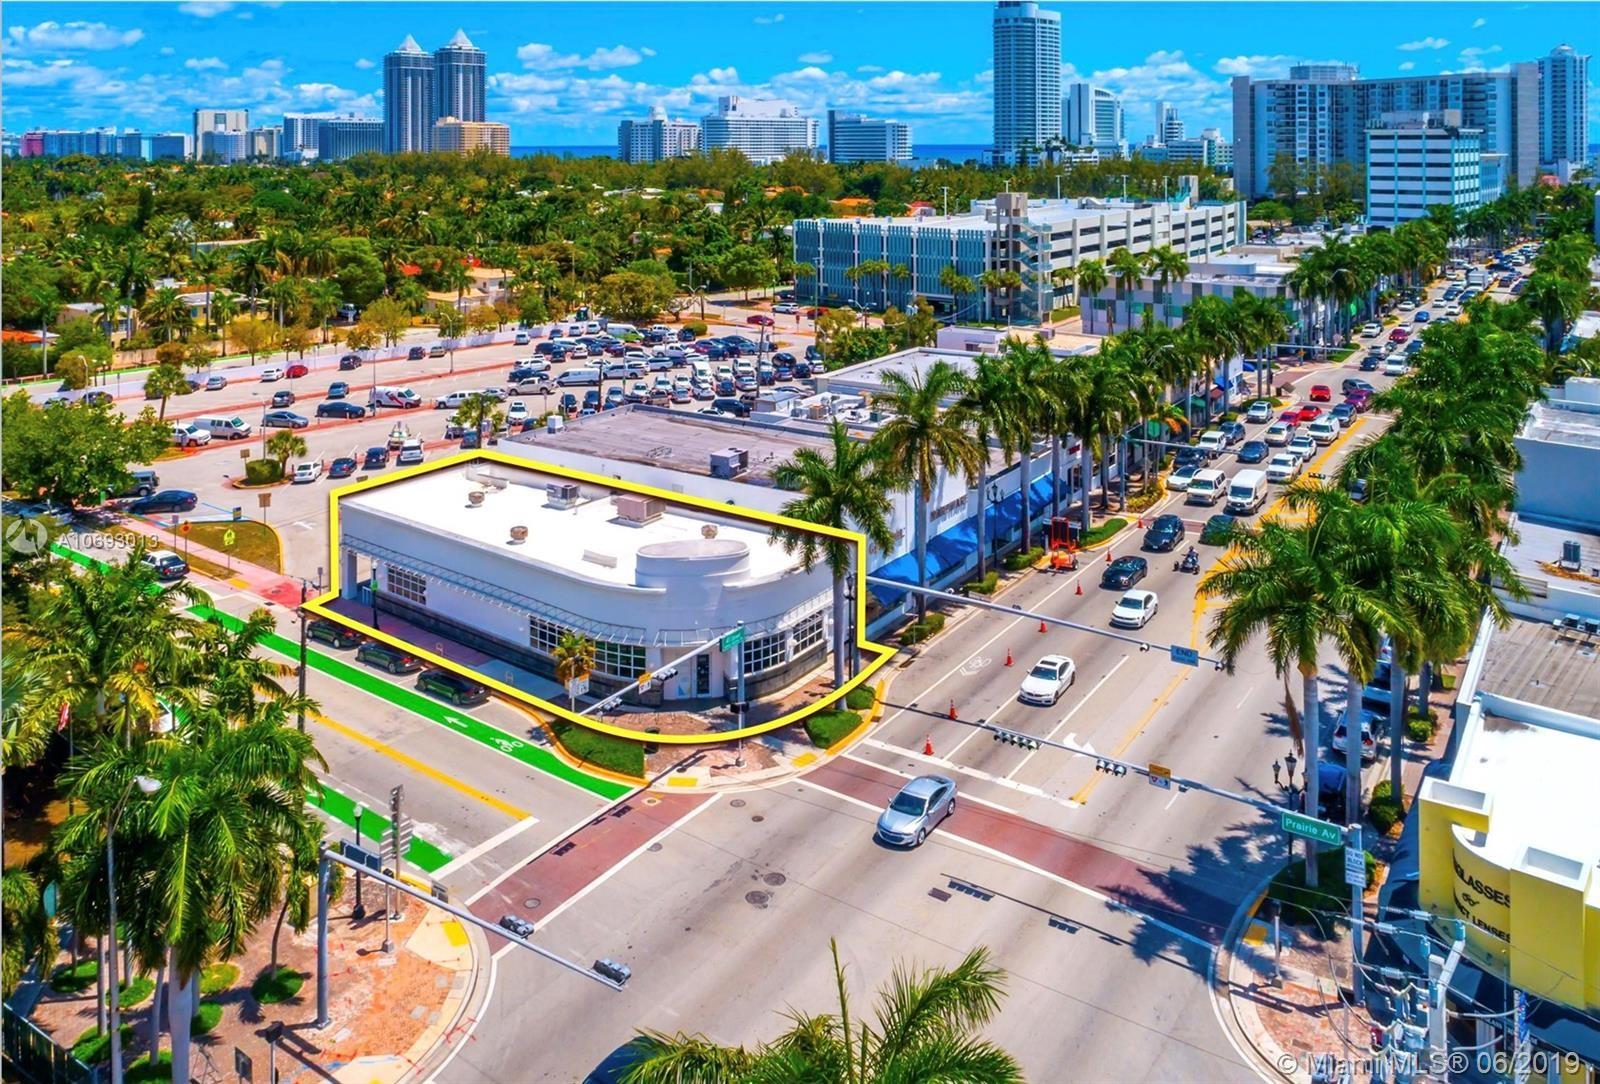 555 W 41 St, Miami Beach, FL 33140